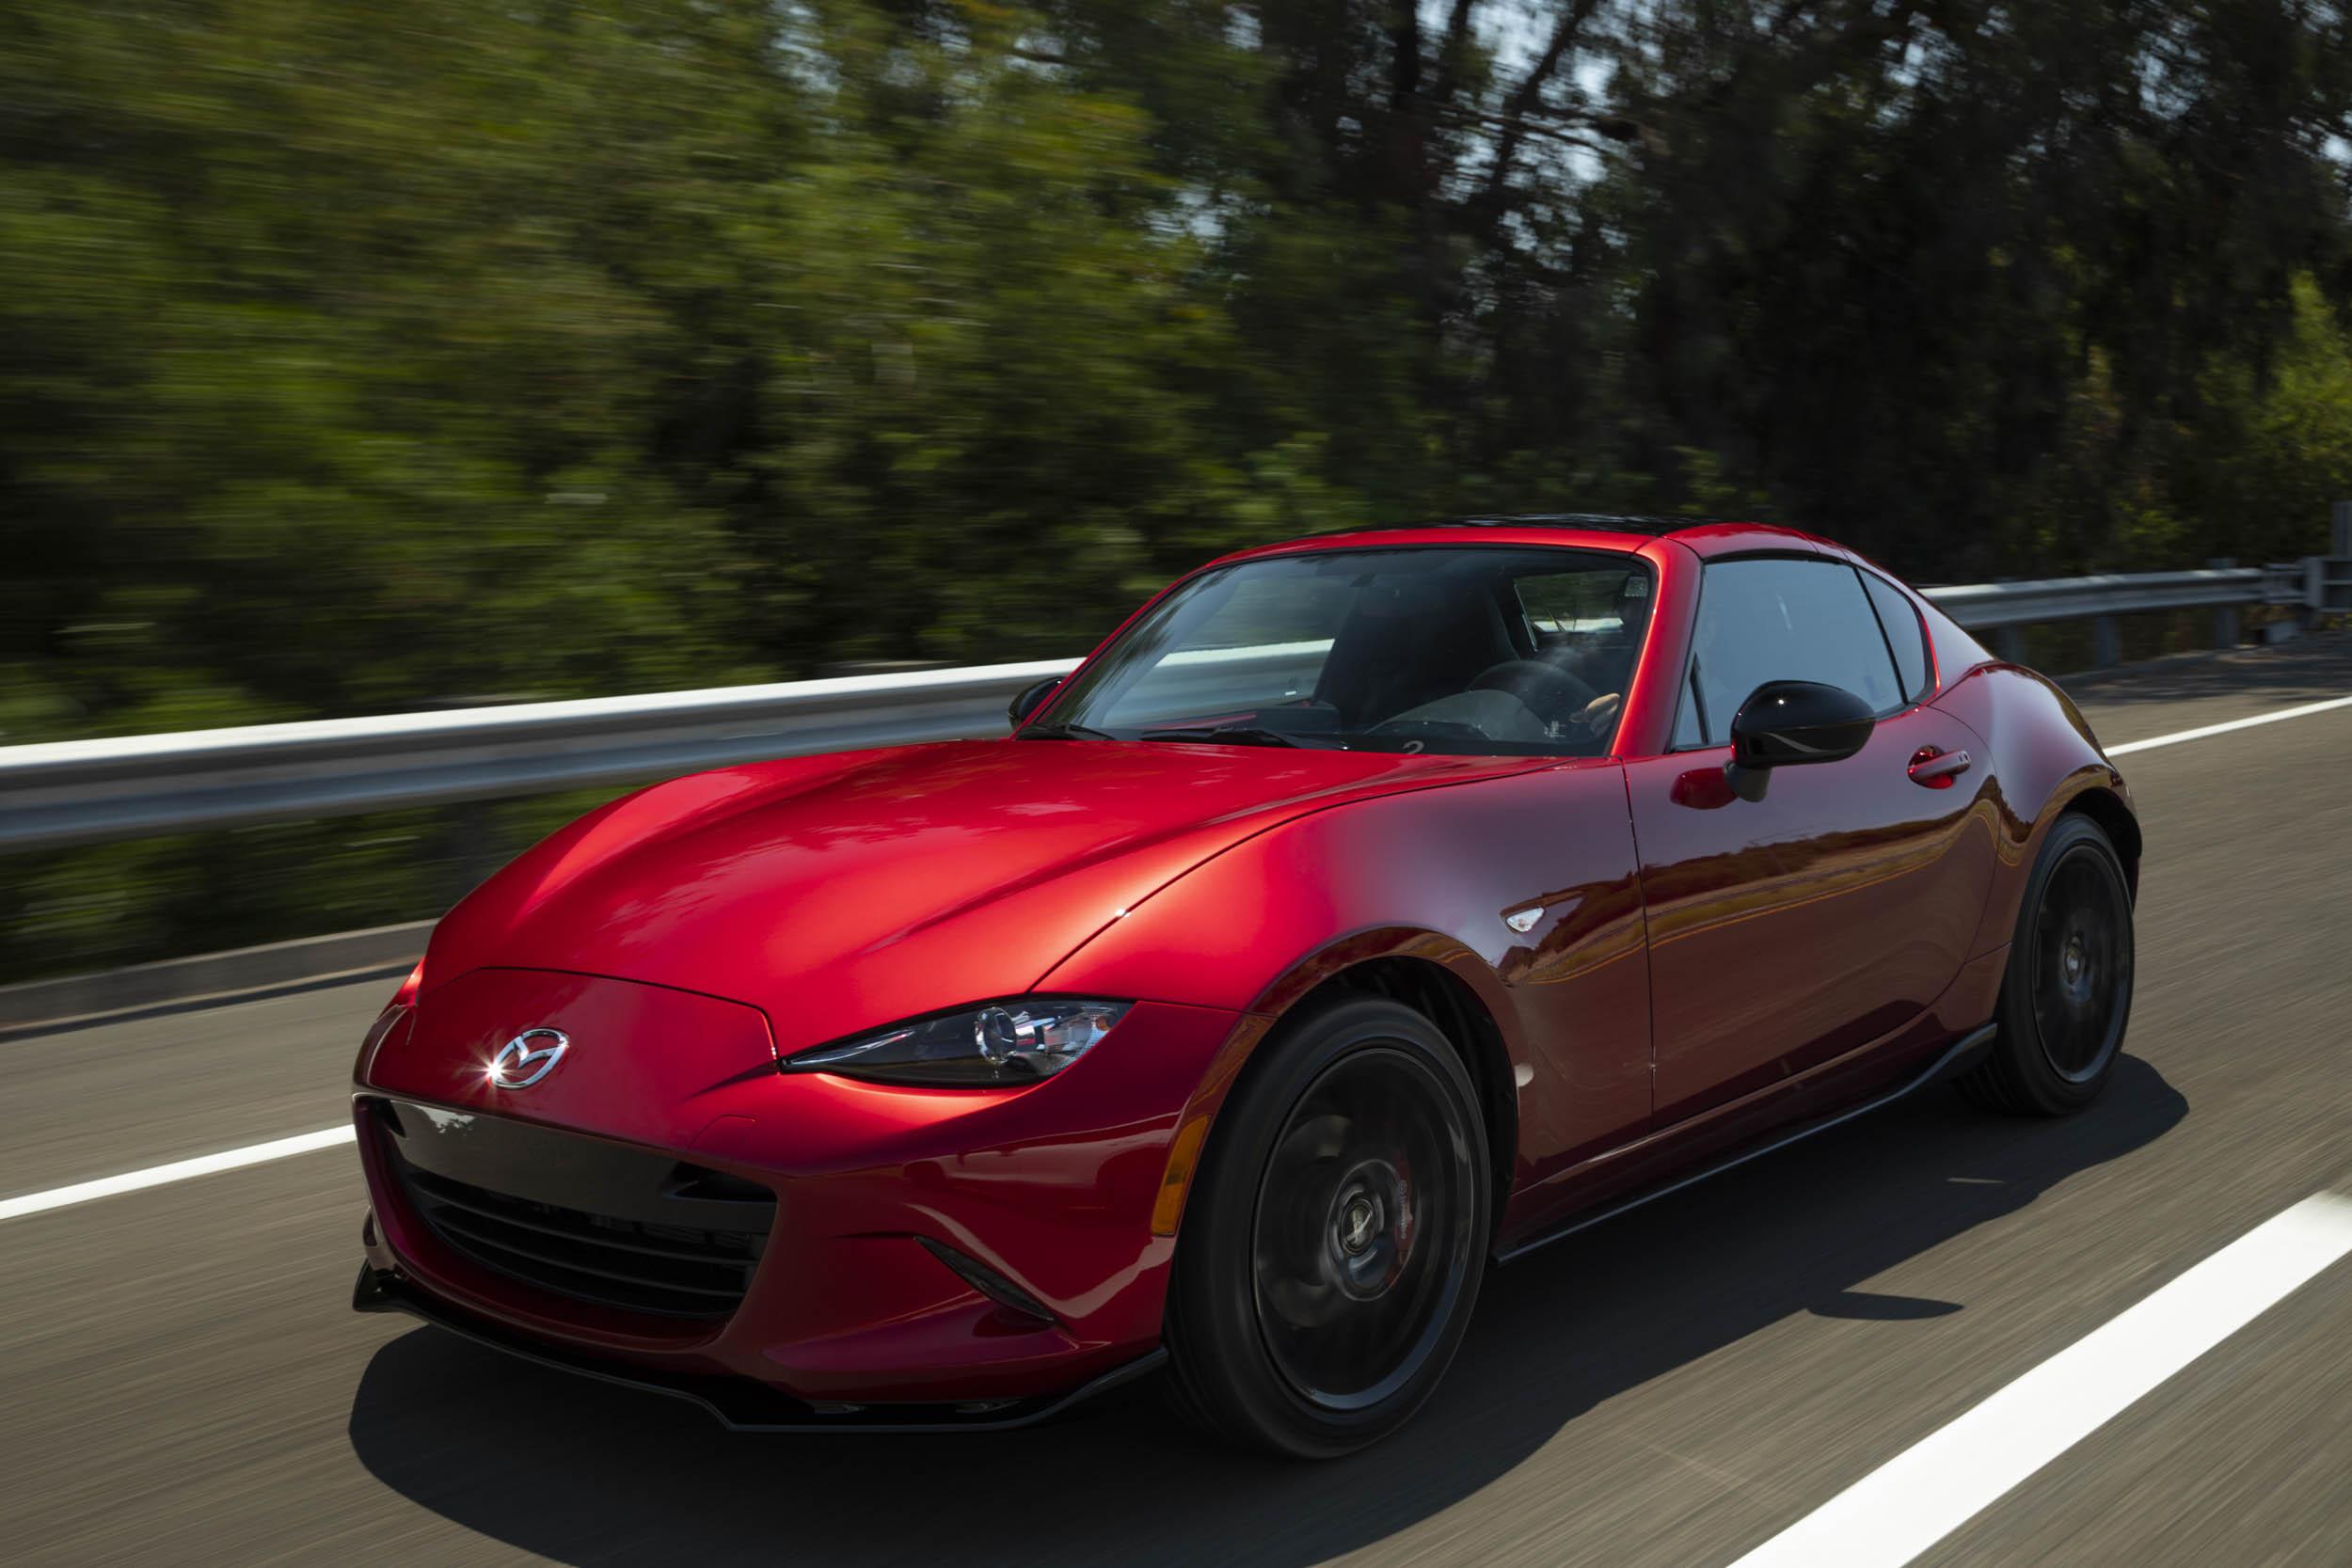 Red 2019 Mazda MX-5 Miata Roadster drving